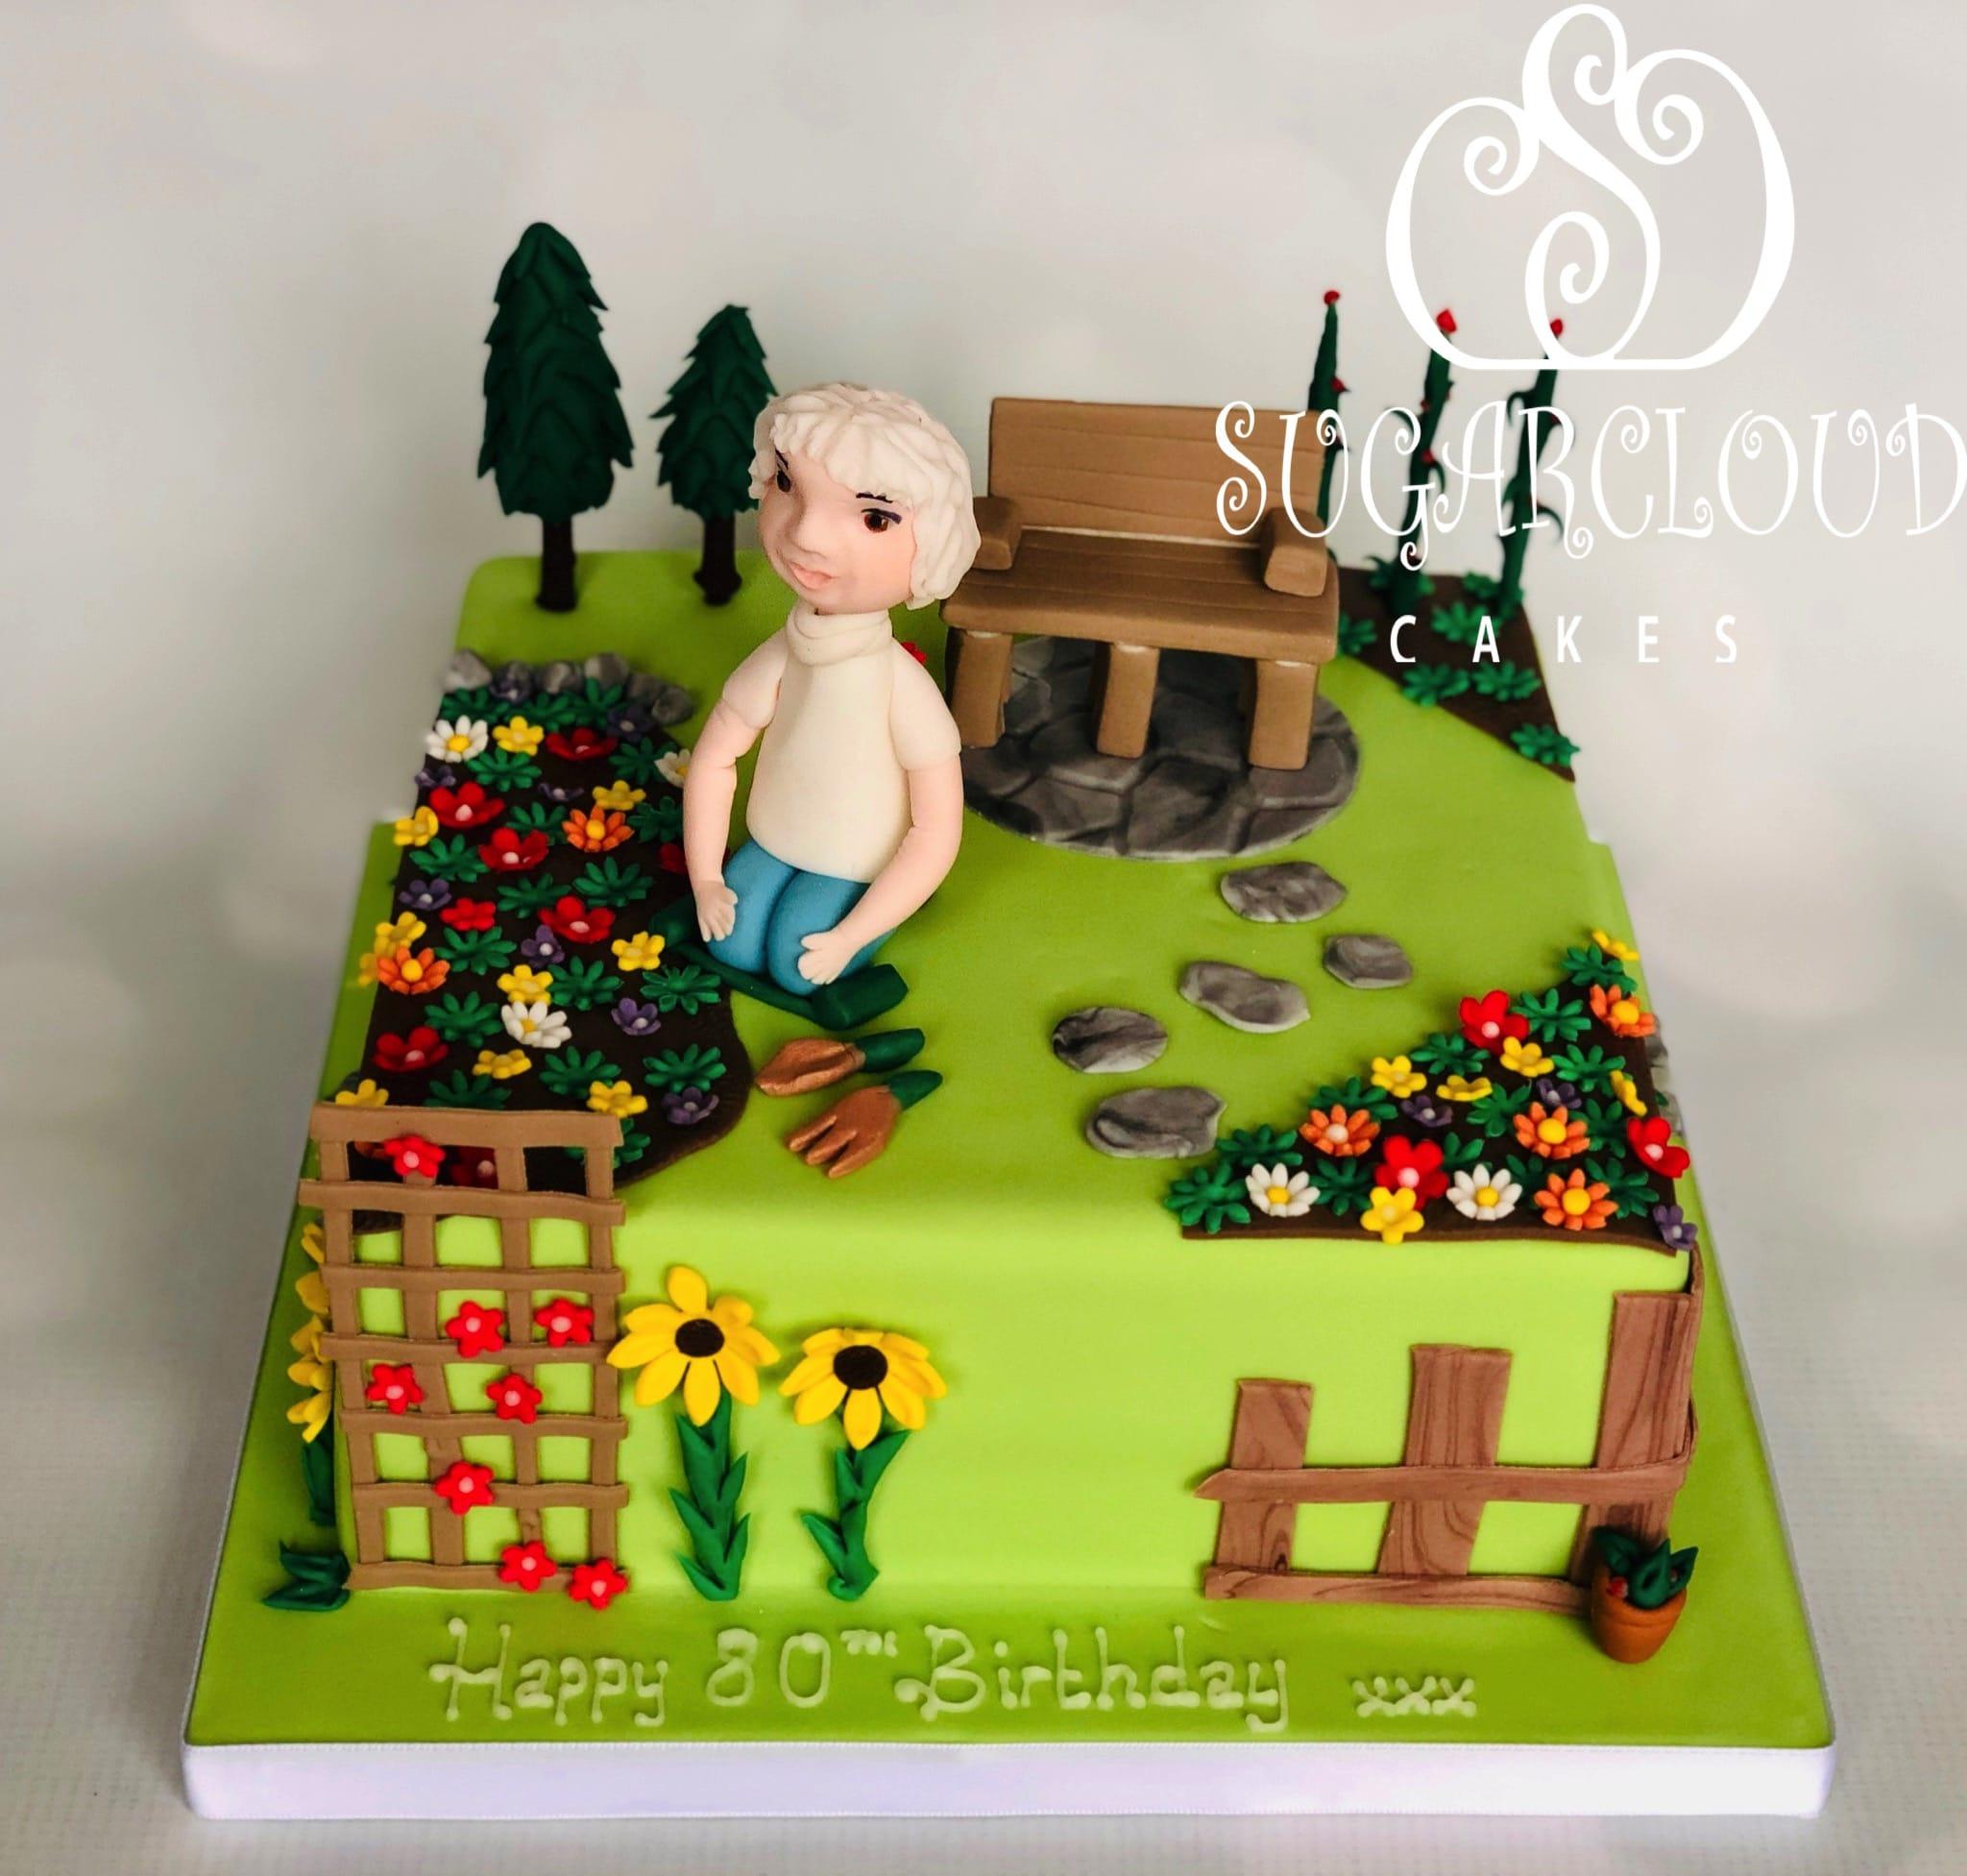 An 80th Birthday Carrot Cake for a Keen Gardener, Sunderland